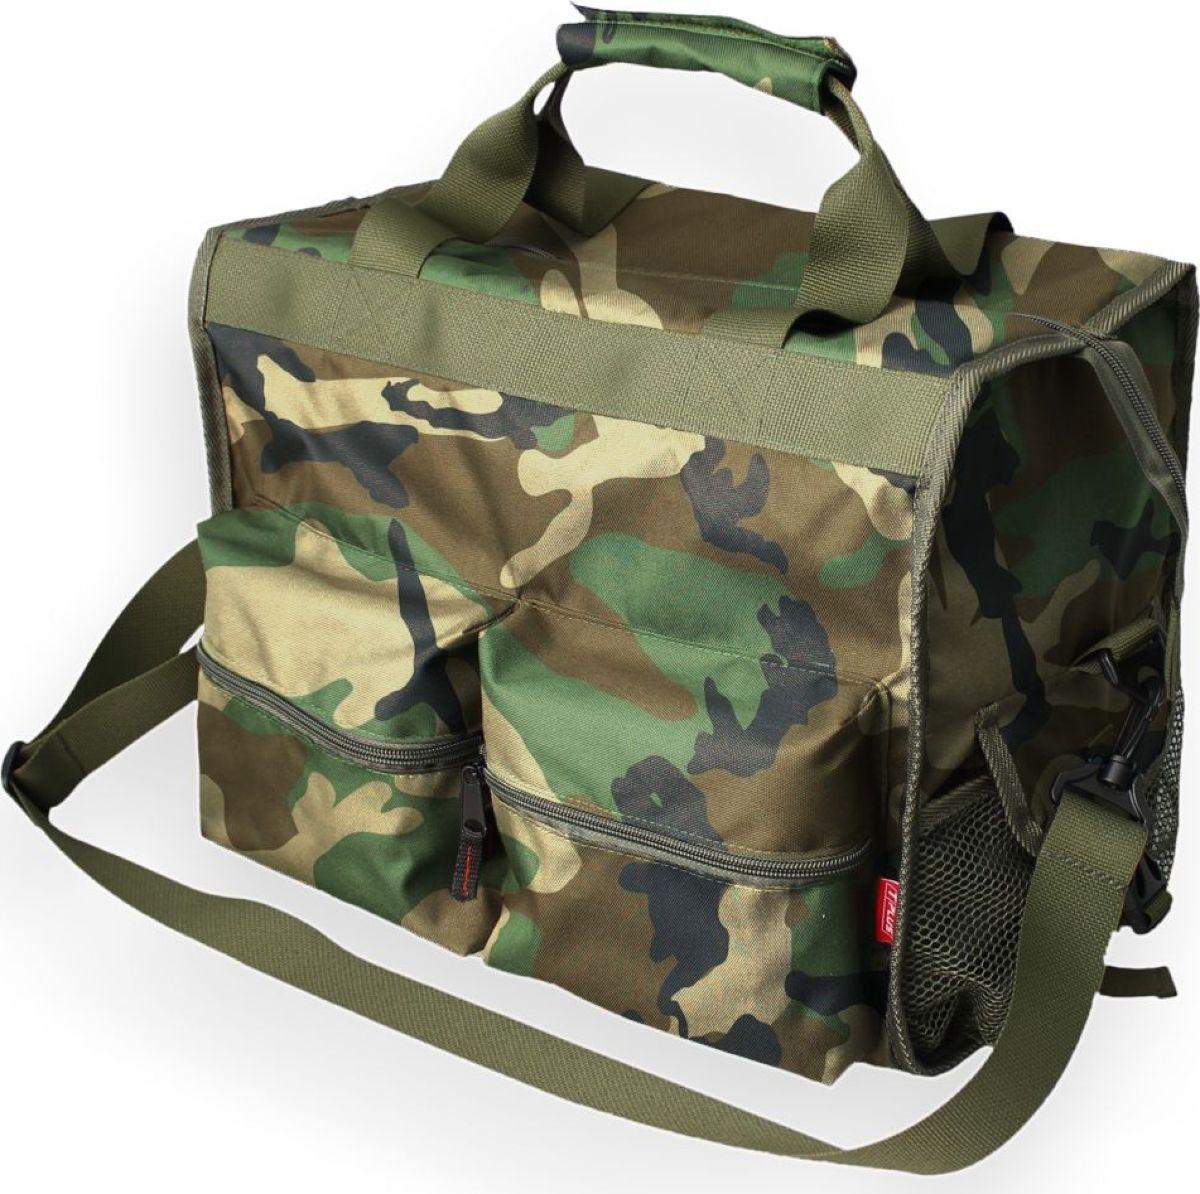 Сумка рыбака Tplus 600, цвет: нато, 40 x 30 x 25 см сумка рыбака tplus 600 цвет олива 36 x 20 x 20 см